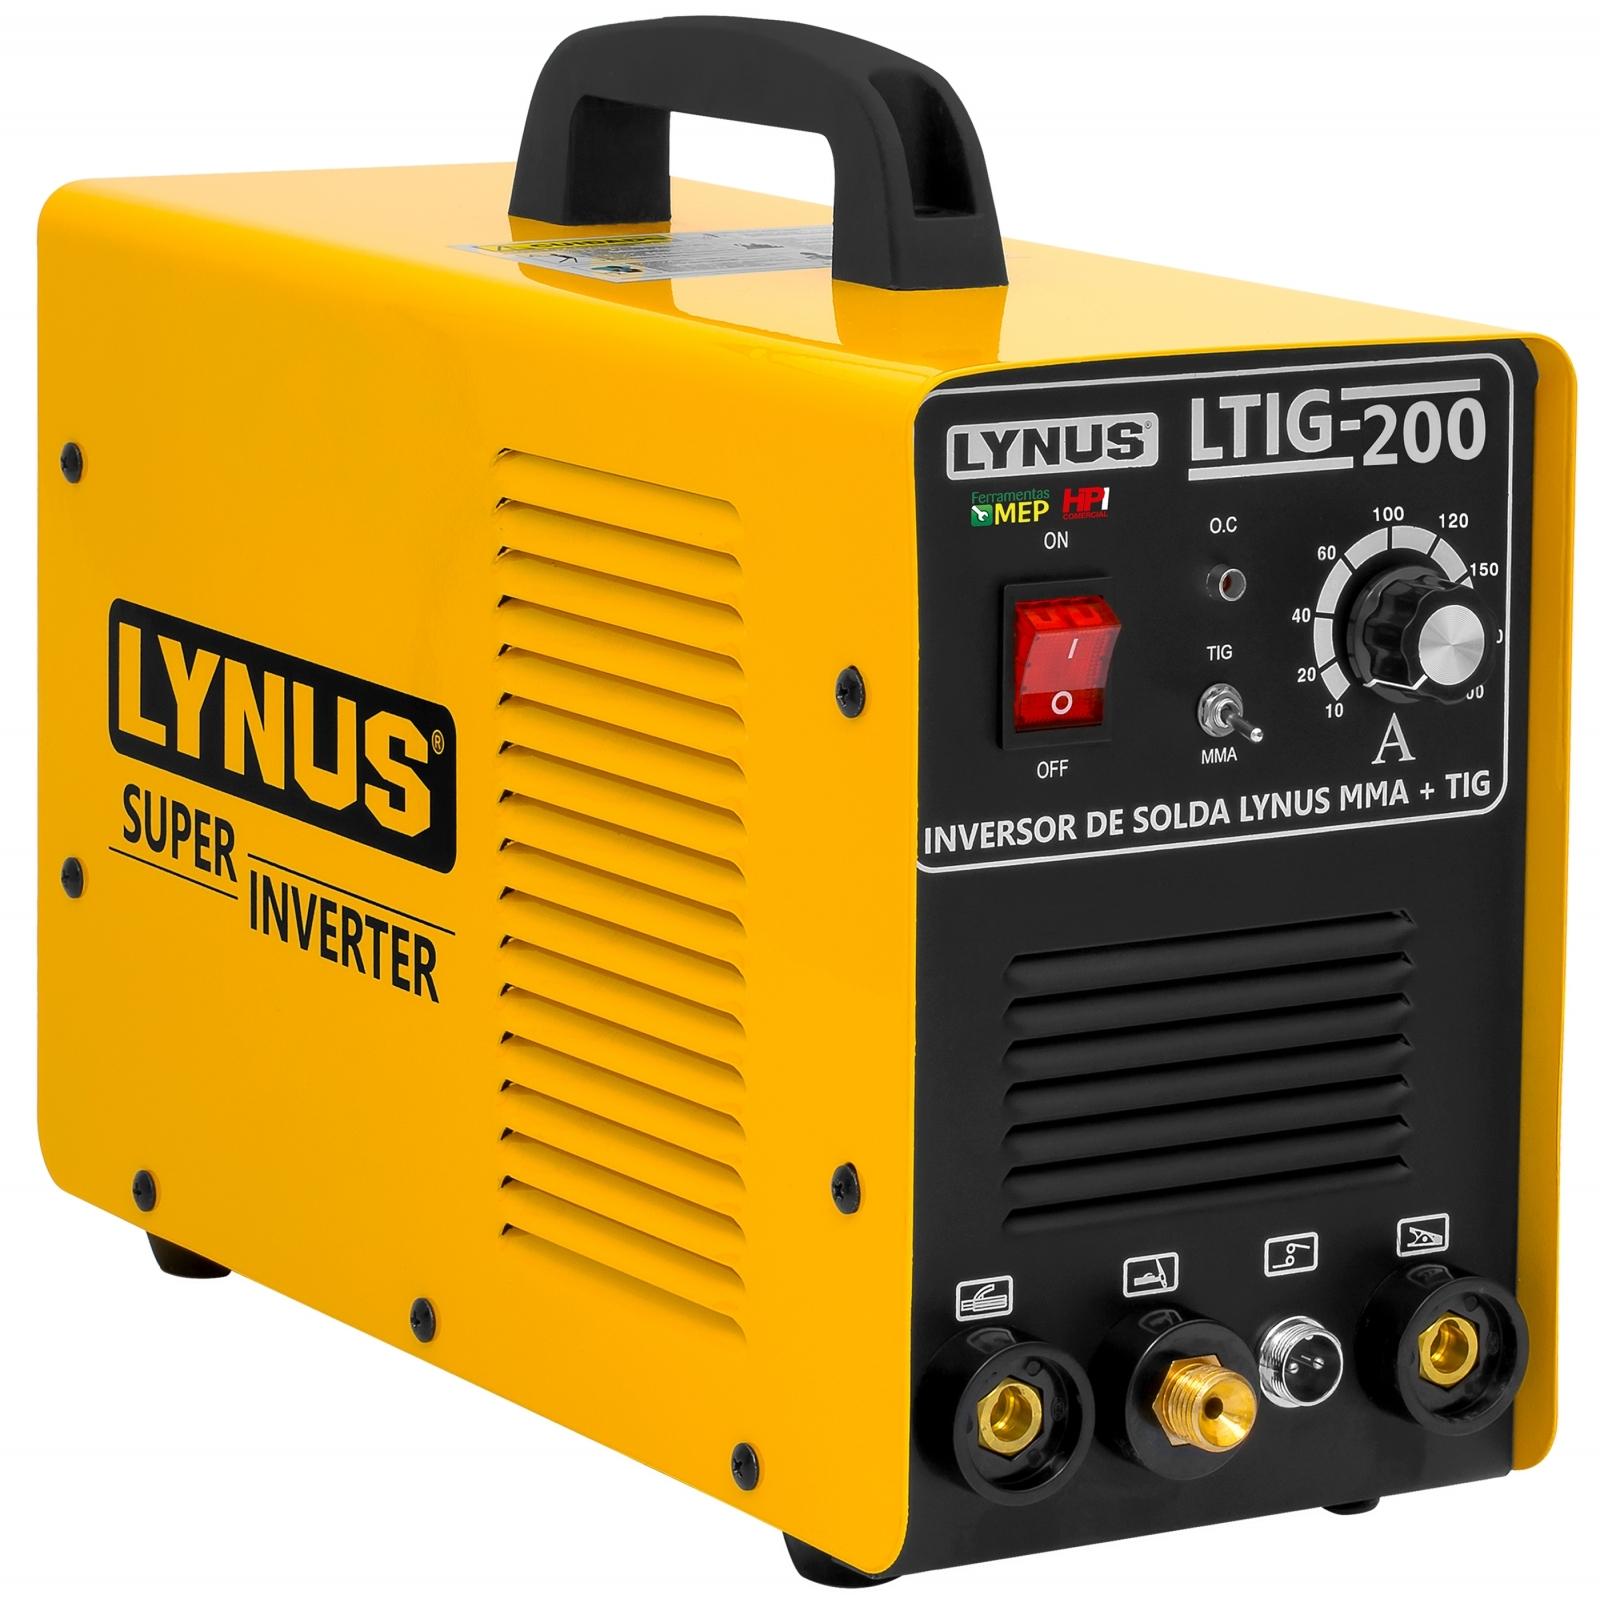 Máquina De Solda Tig Lynus Inversora 200amp Com Tocha Tl4 - Ferramentas MEP